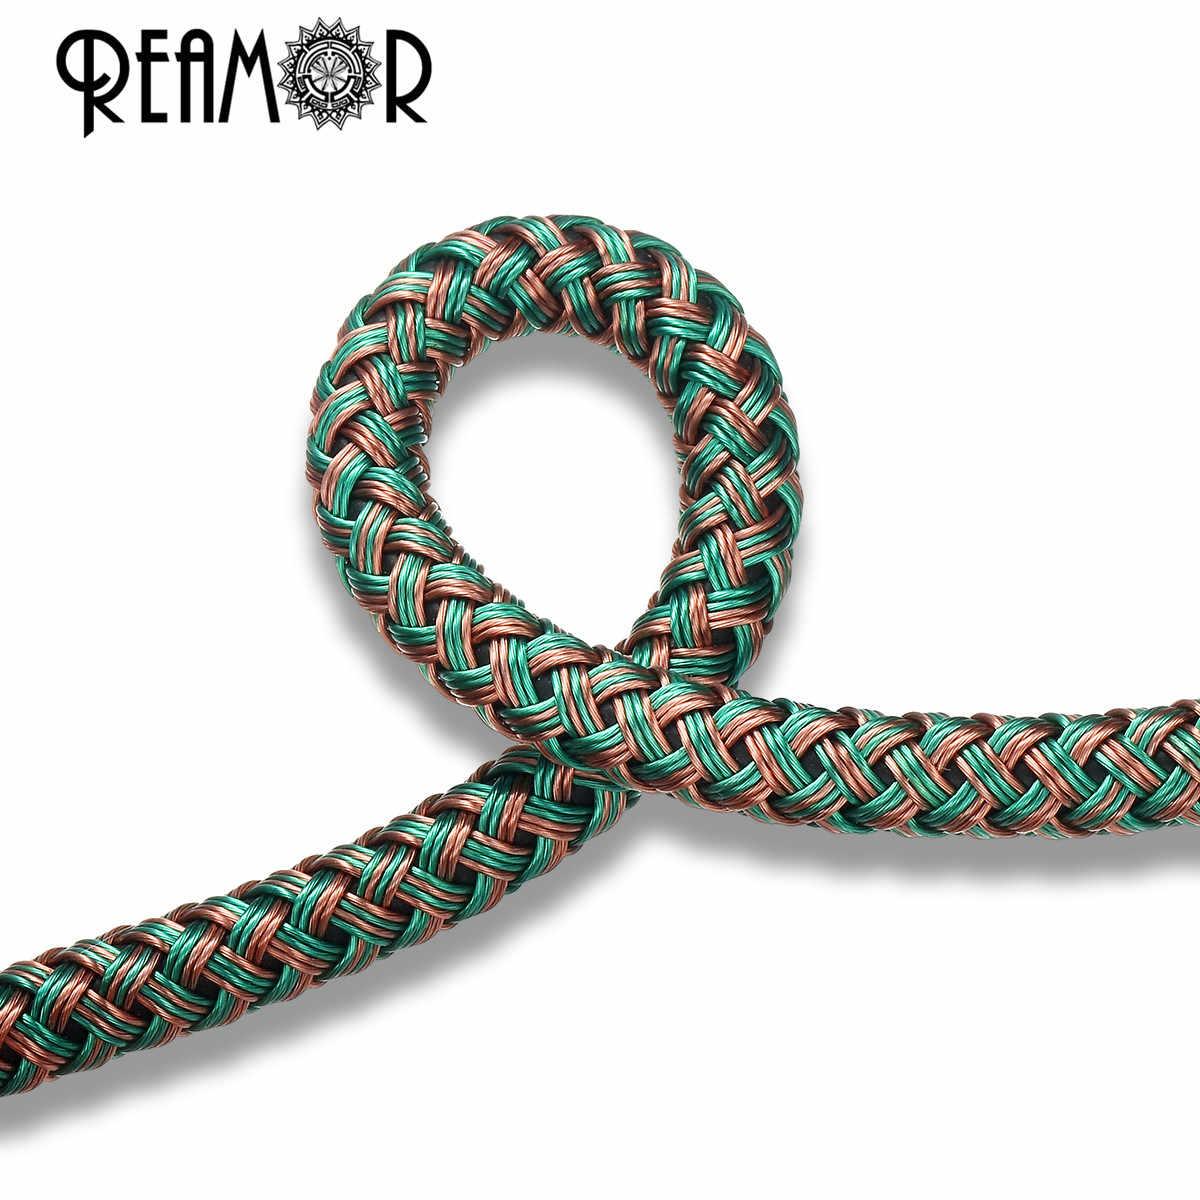 Reamor 1 m cores únicas misturadas 6mm fio de aço trançado cabo de couro super fibra corda couro pulseira jóias diy descobertas